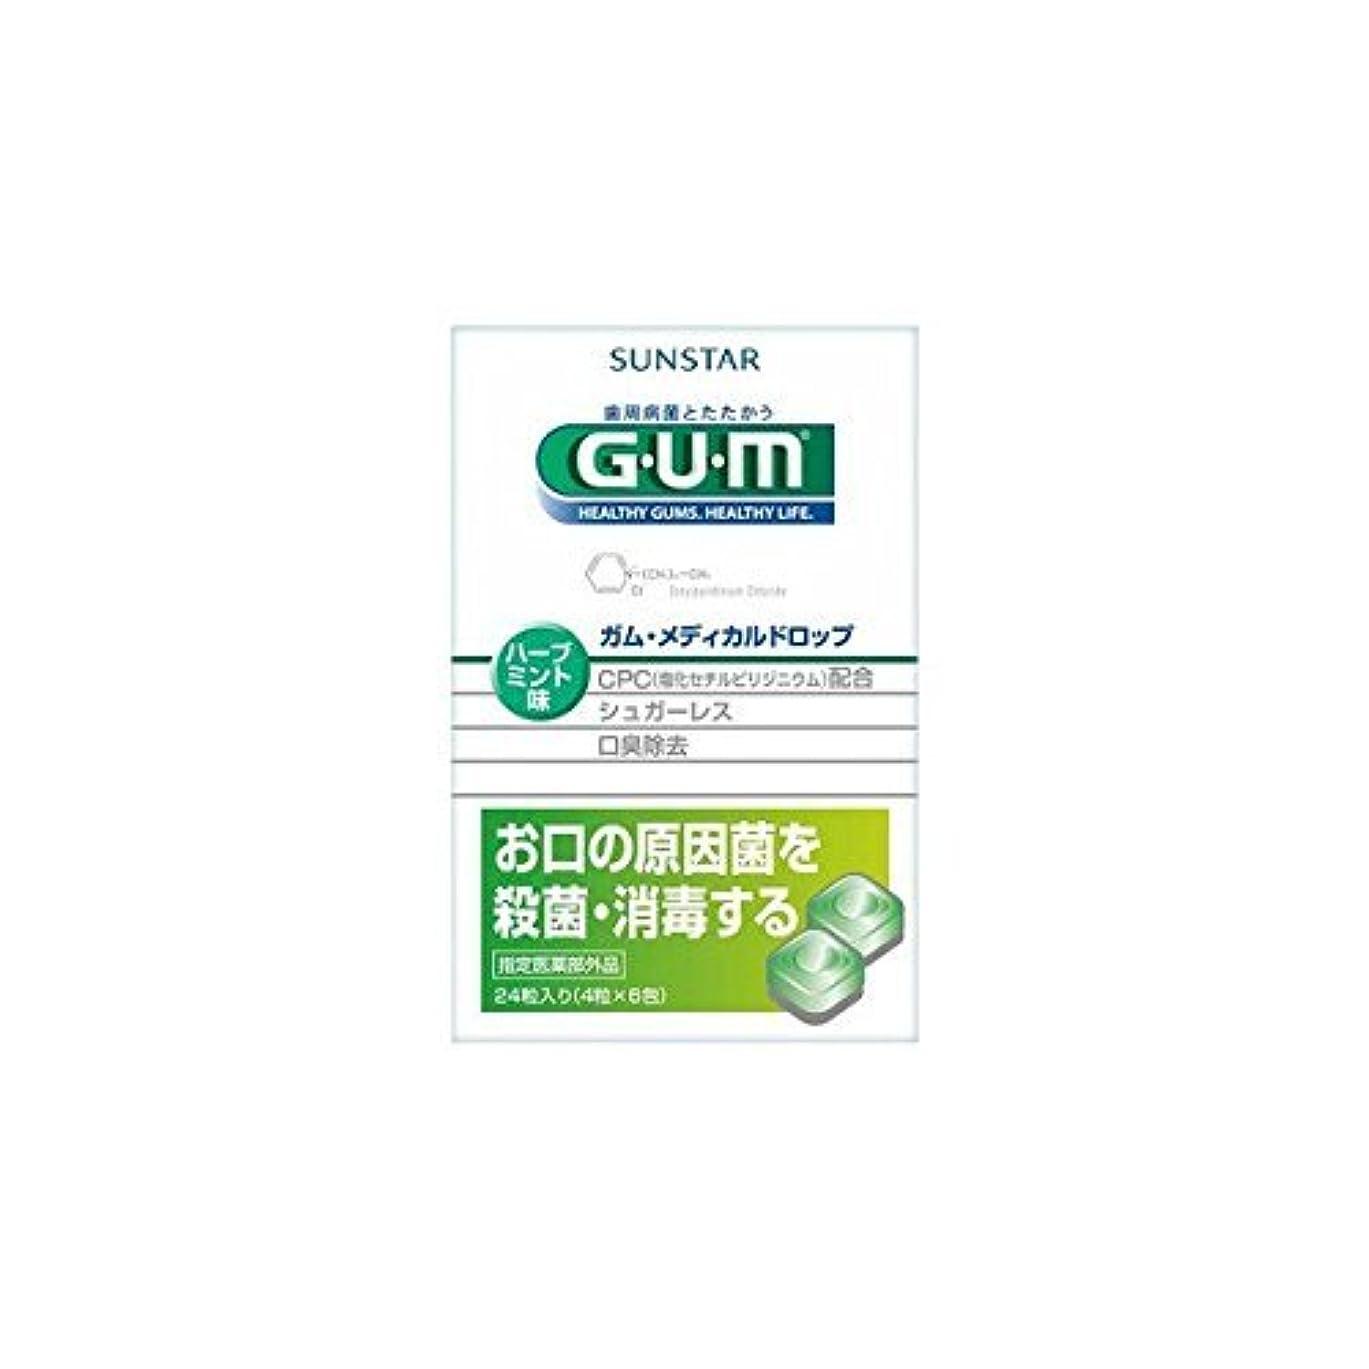 派生するピック方法【5個セット】 GUM(ガム) メディカルドロップ ハーブミント 24粒